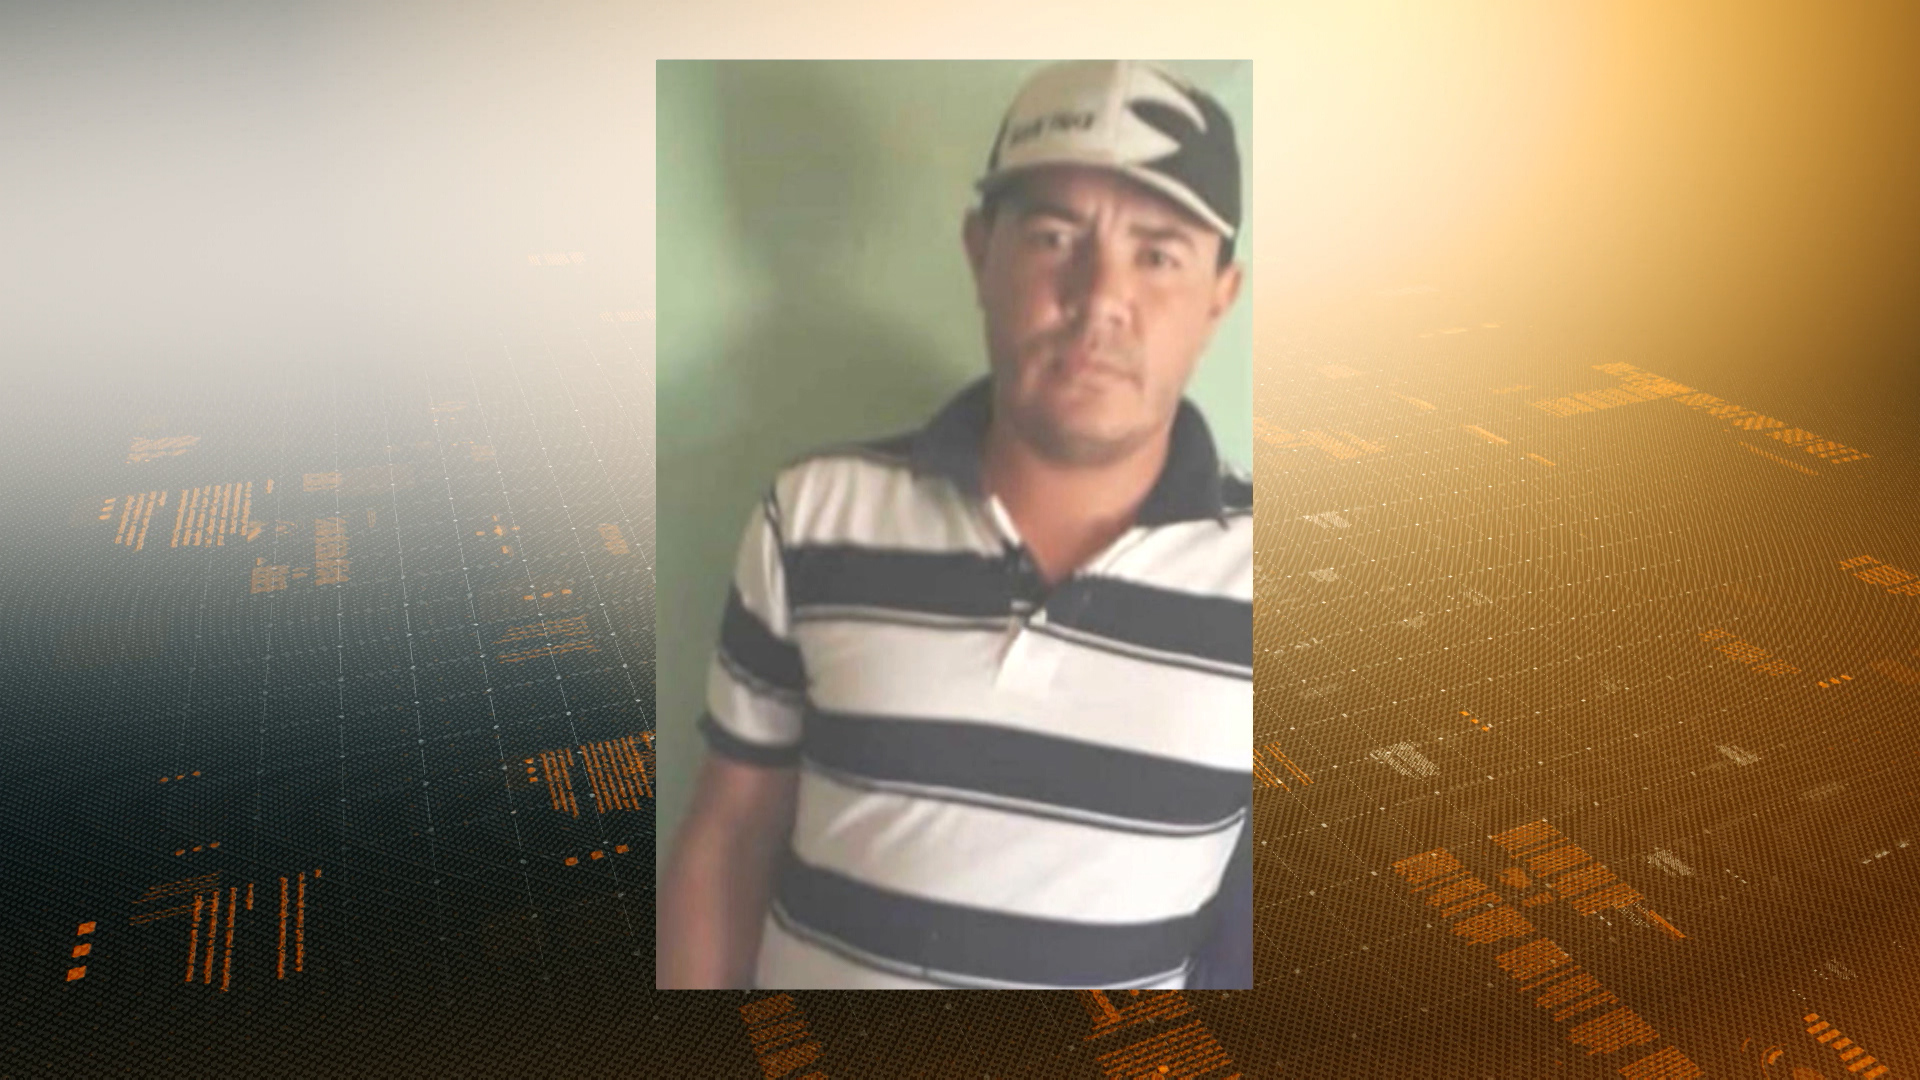 Motivo fútil: Homem de 32 anos é assassinado por conta de doses de cachaça, no Norte de Minas